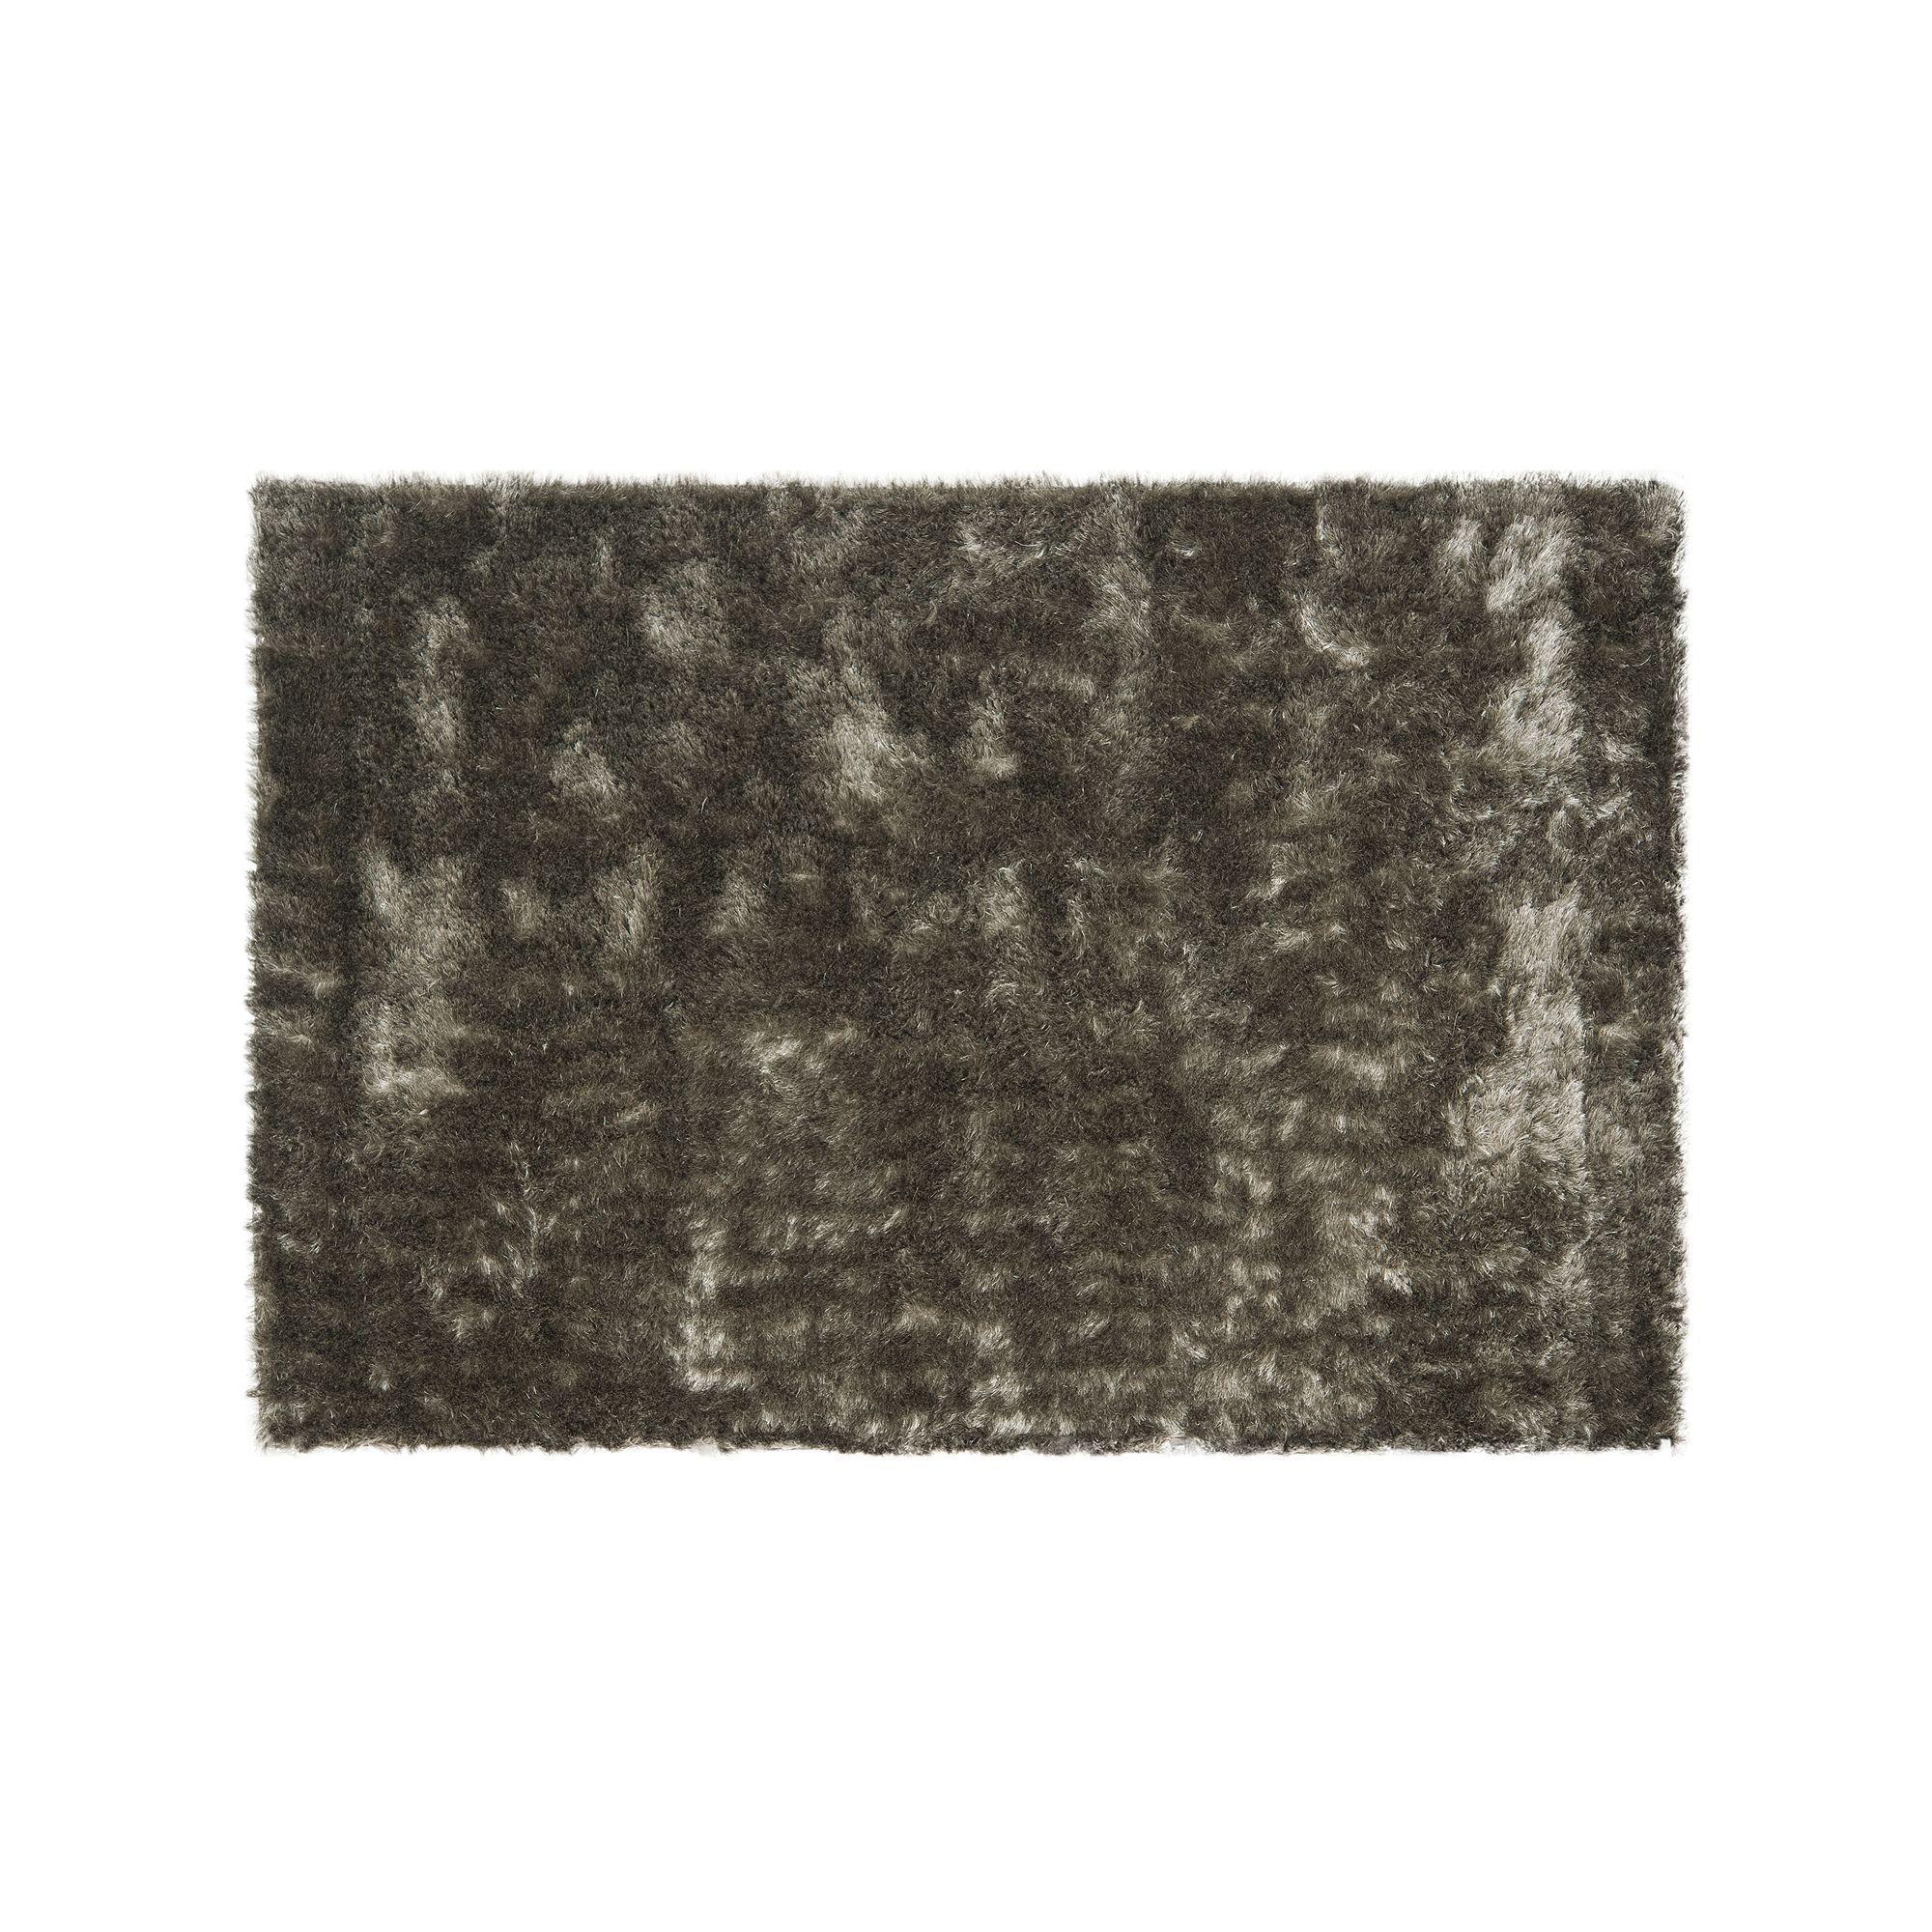 modern shag rugs modern shag rug black and white shag rug   - safavieh modern shag rug brown grey products and modern